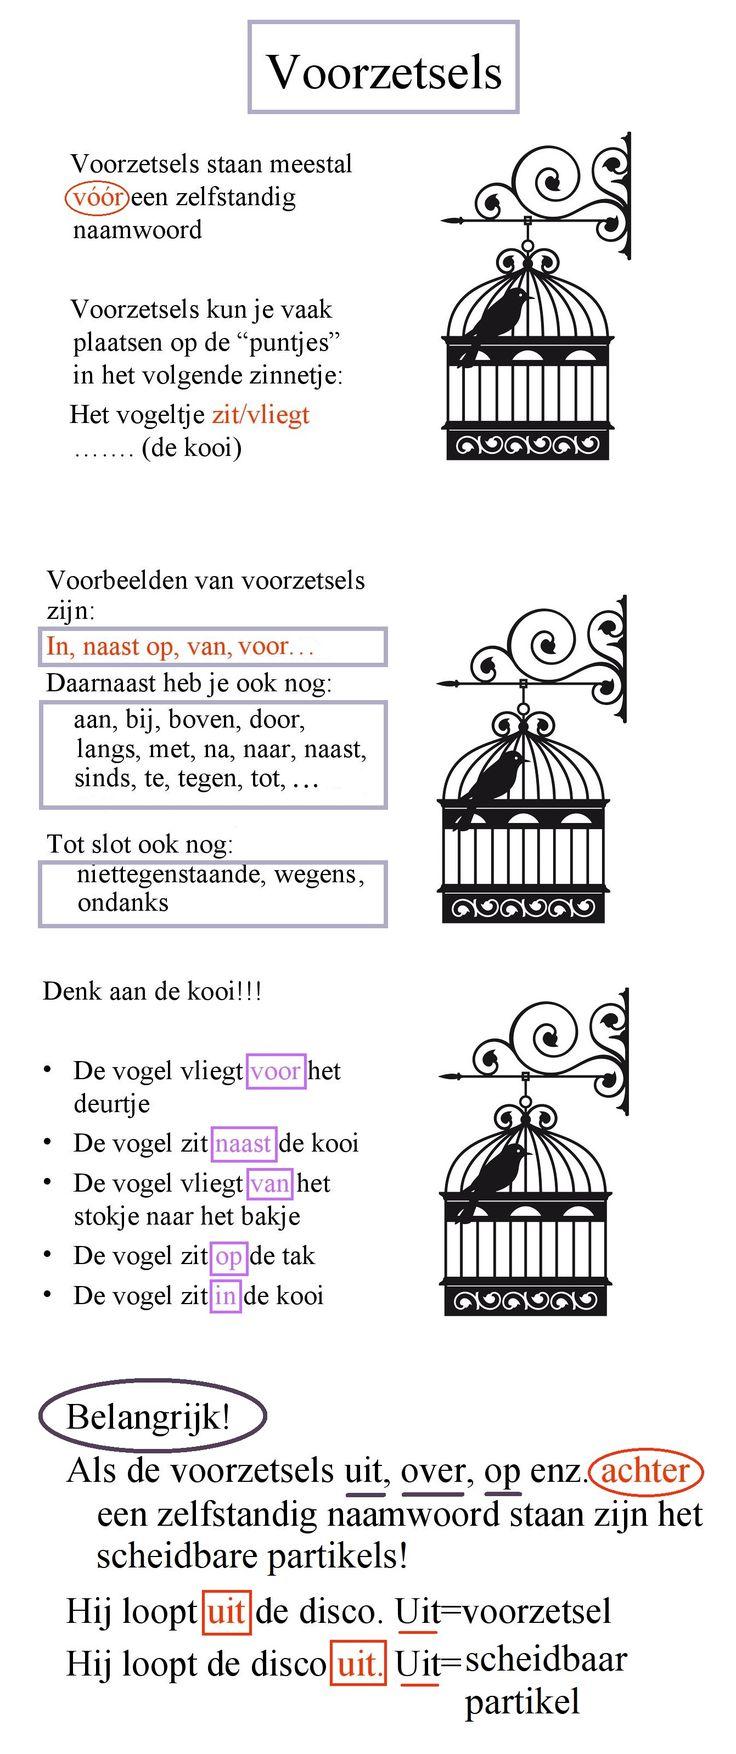 Voorzetsels (het vogeltje zit in de kooi) / http://slideplayer.nl/slide/2224978/